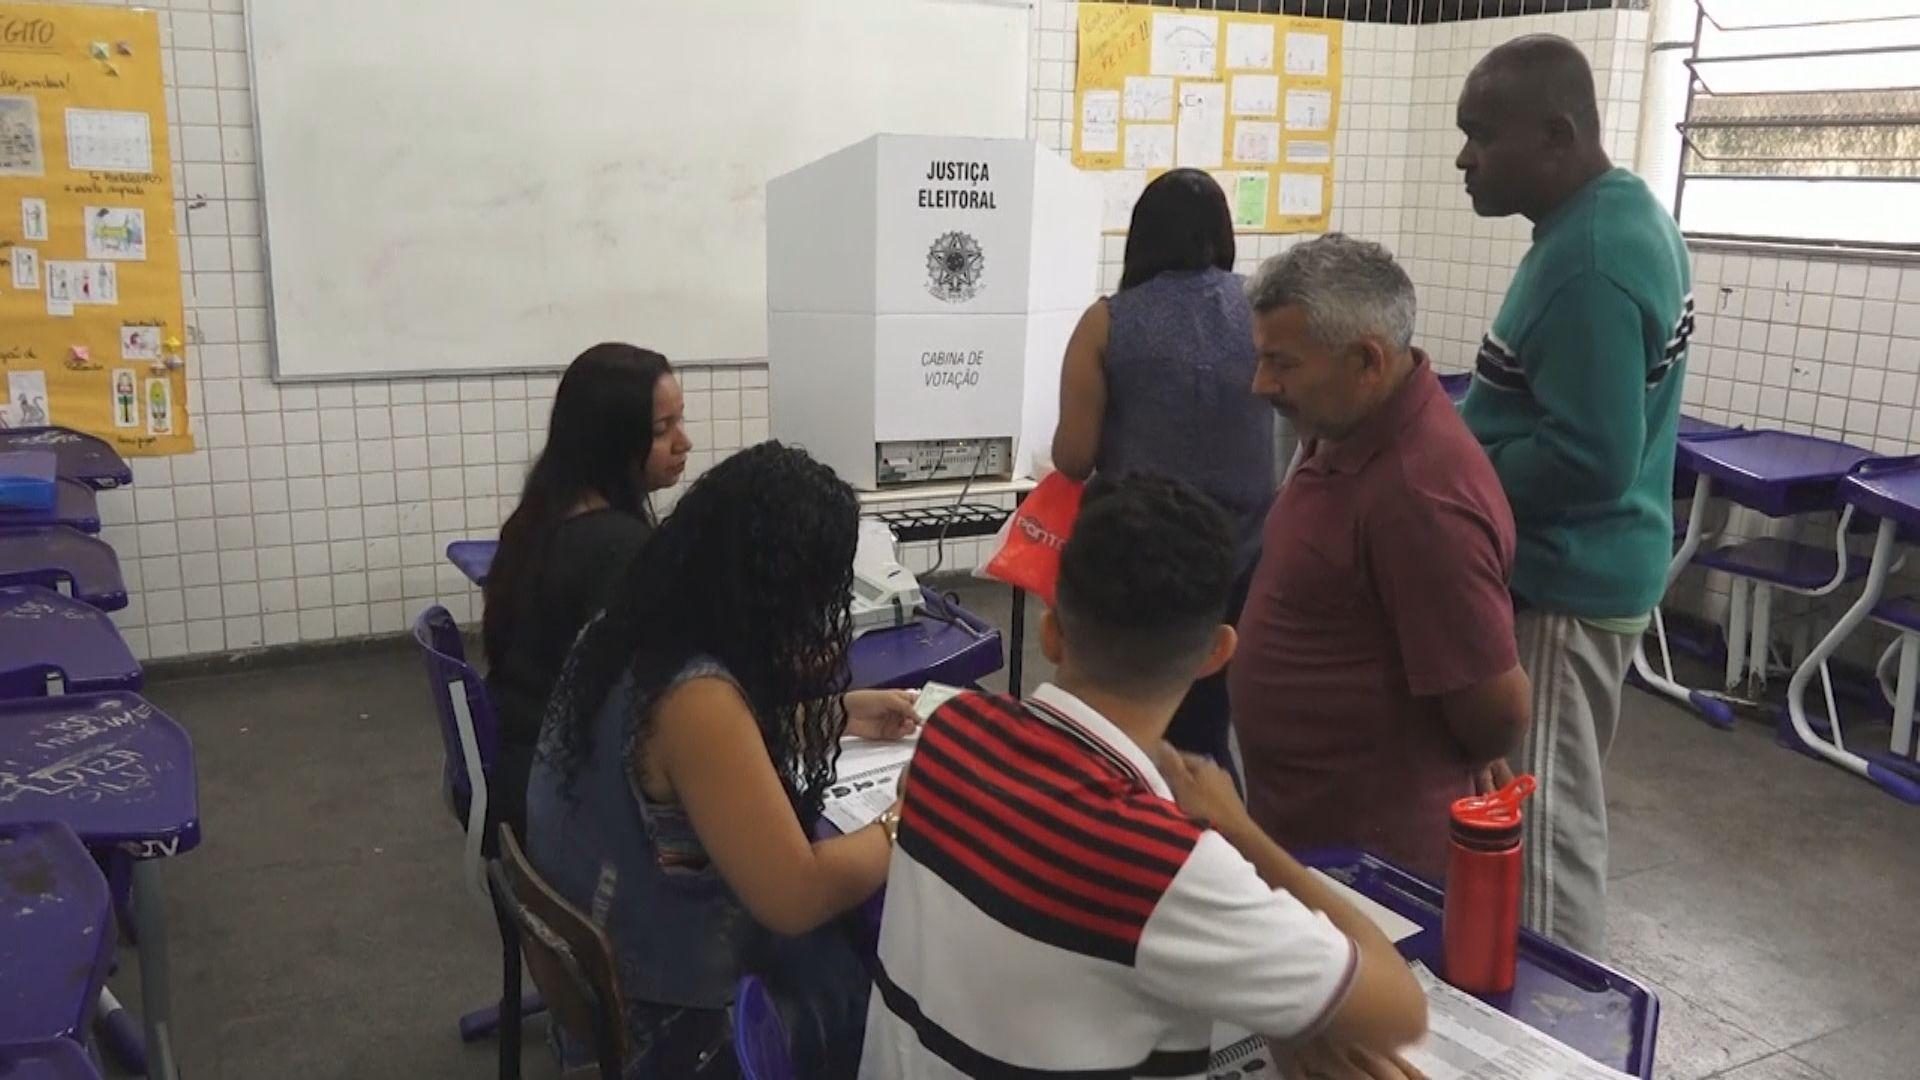 巴西總統選舉無人得票過半要舉行第二輪投票